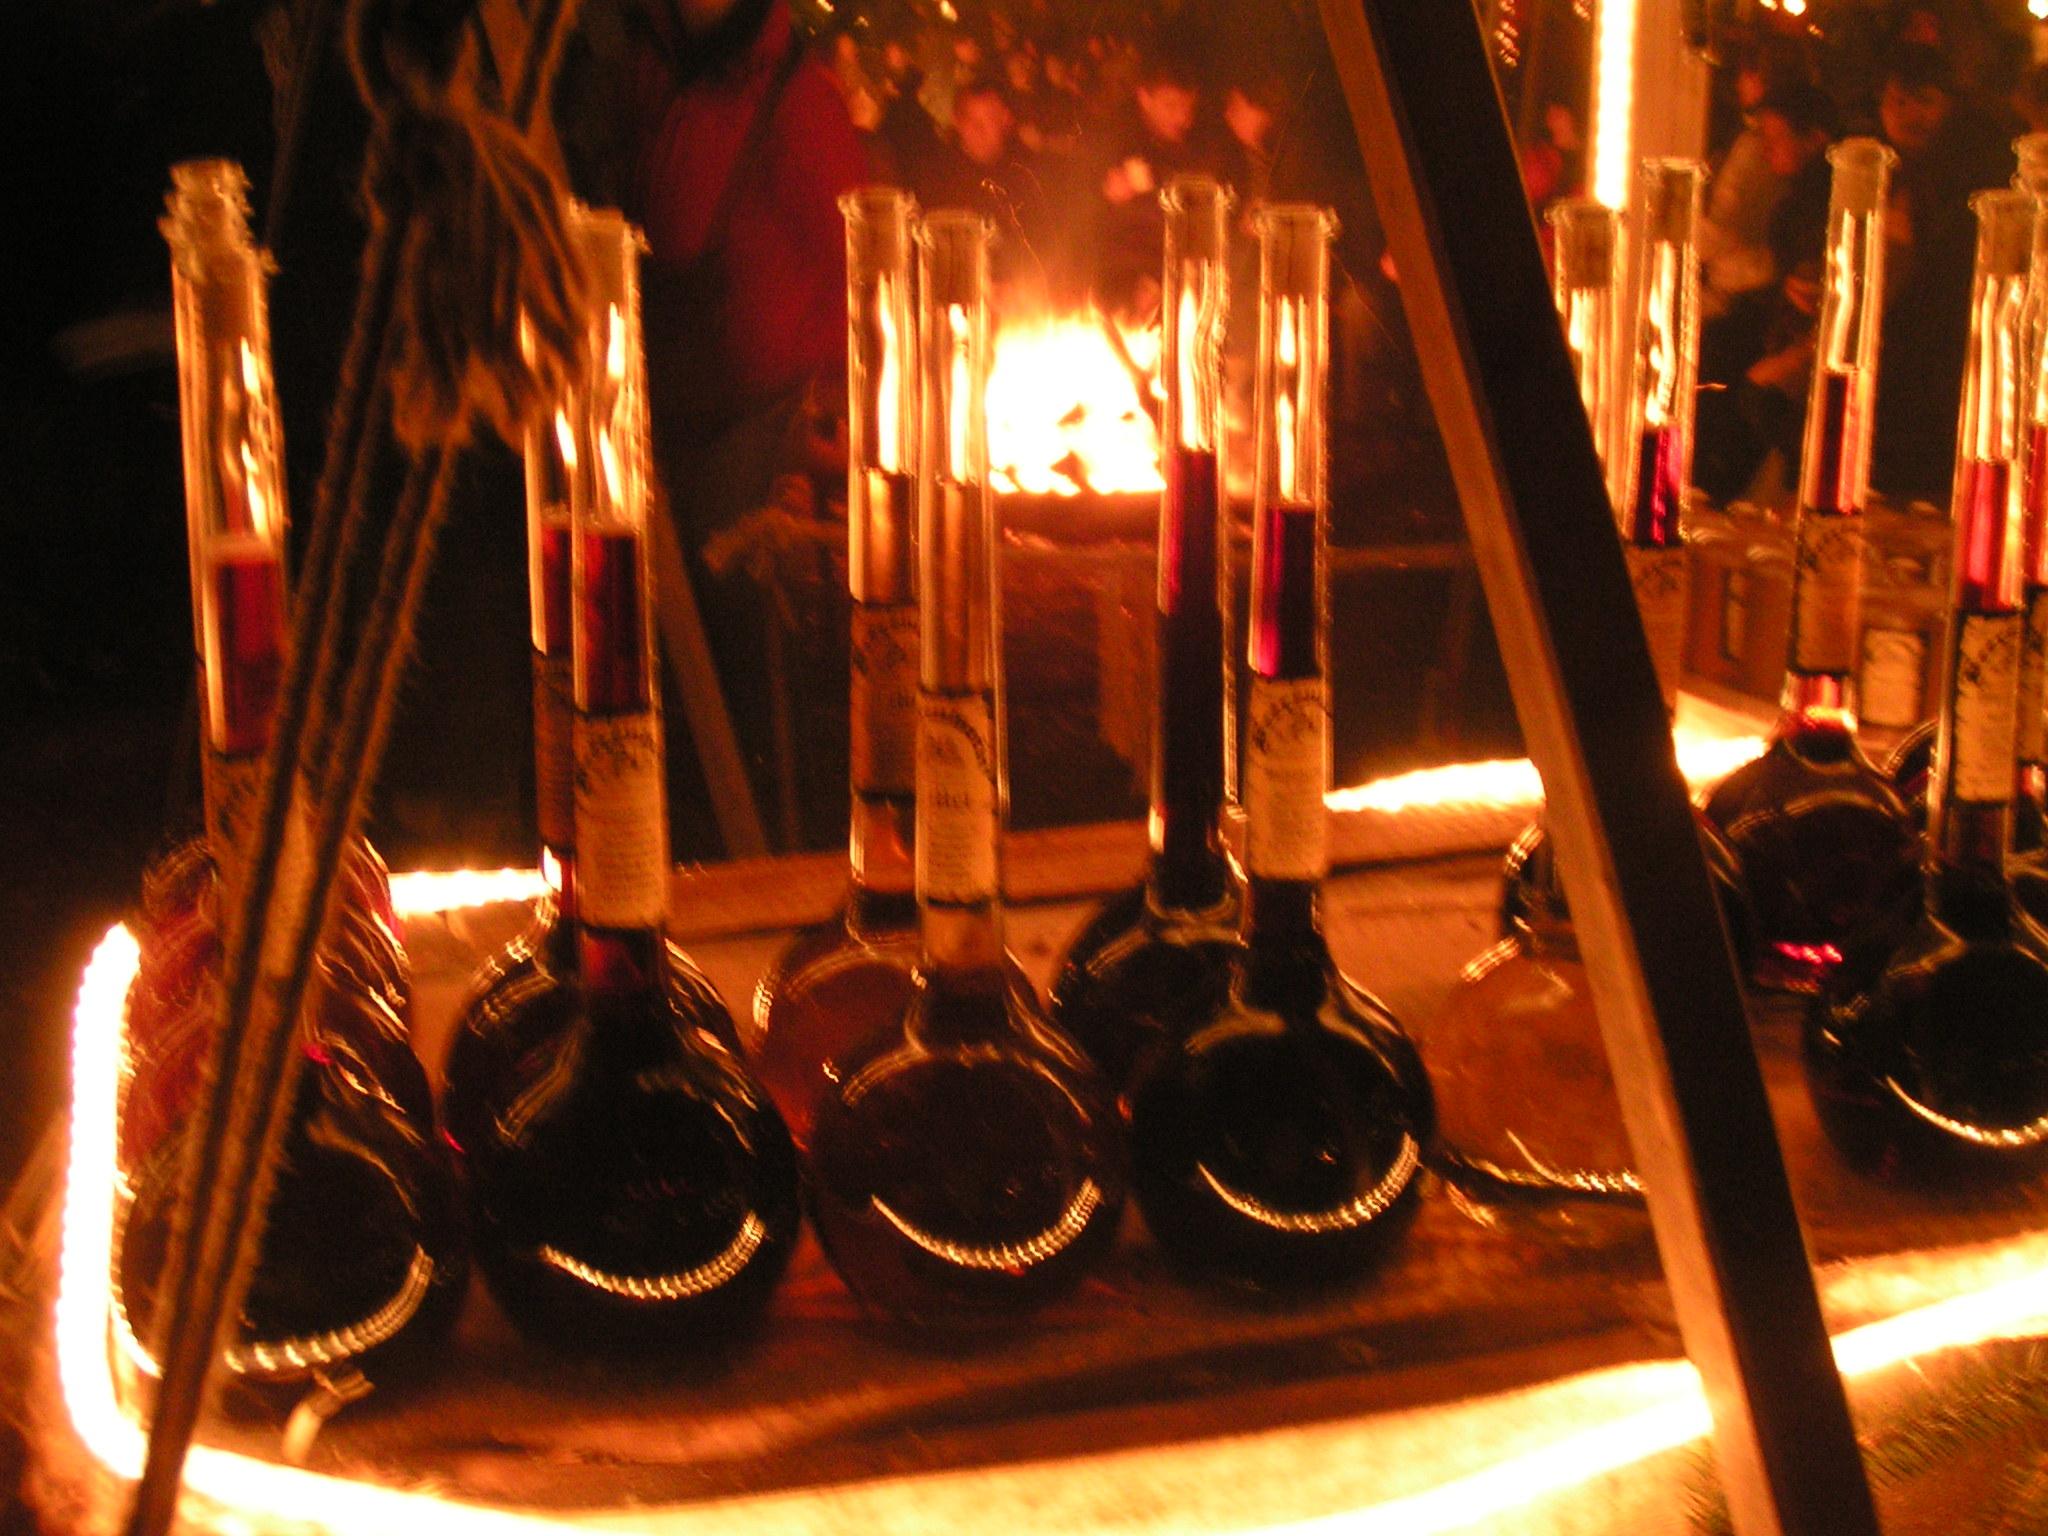 Mittelalterlicher Weihnachtsmarkt.Datei Telgte Mittelalterlicher Weihnachtsmarkt Jpg Wikipedia